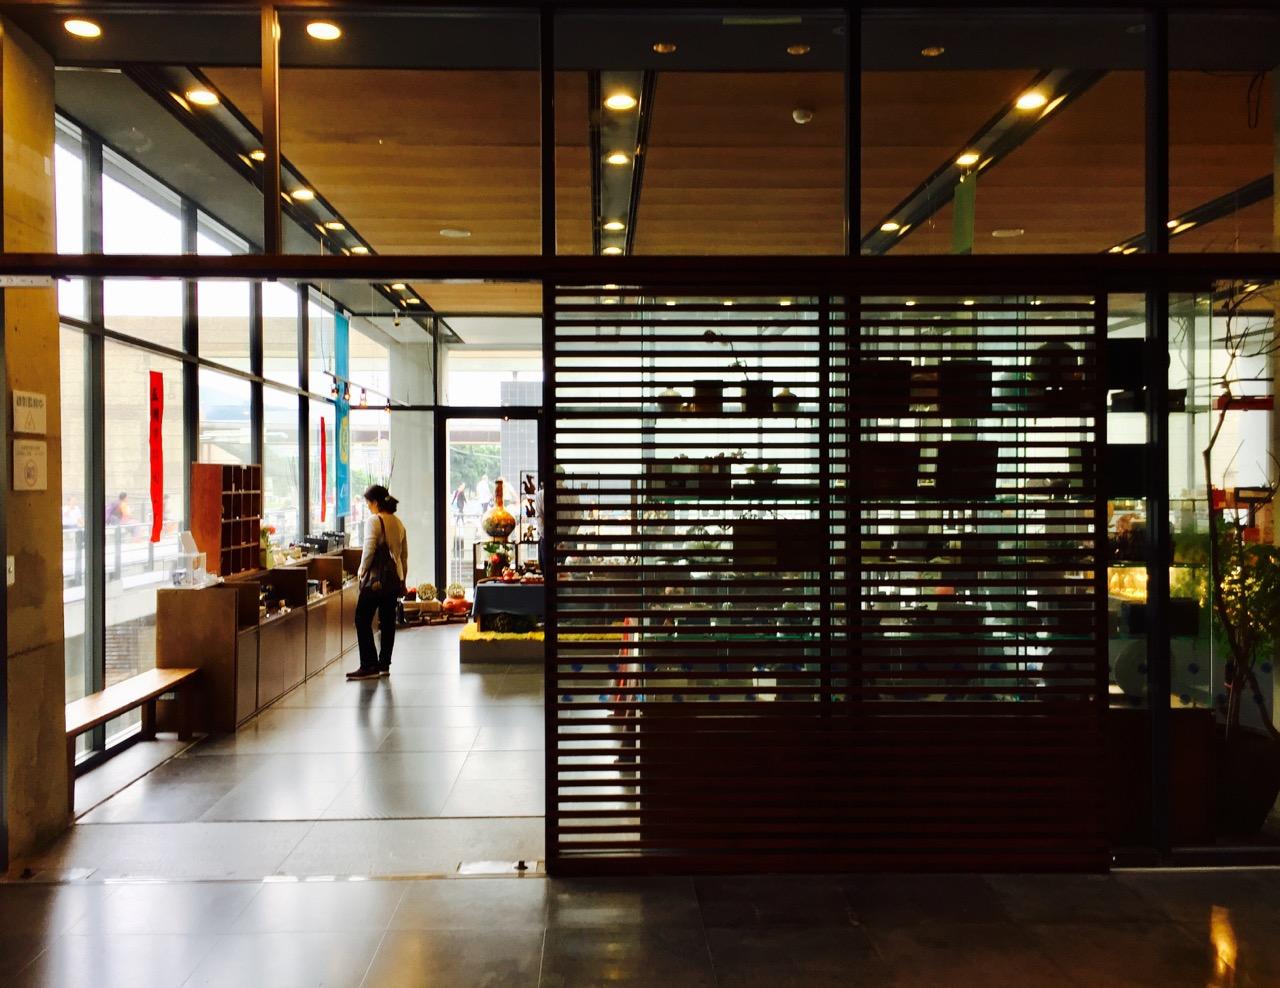 문화 상품 판매점